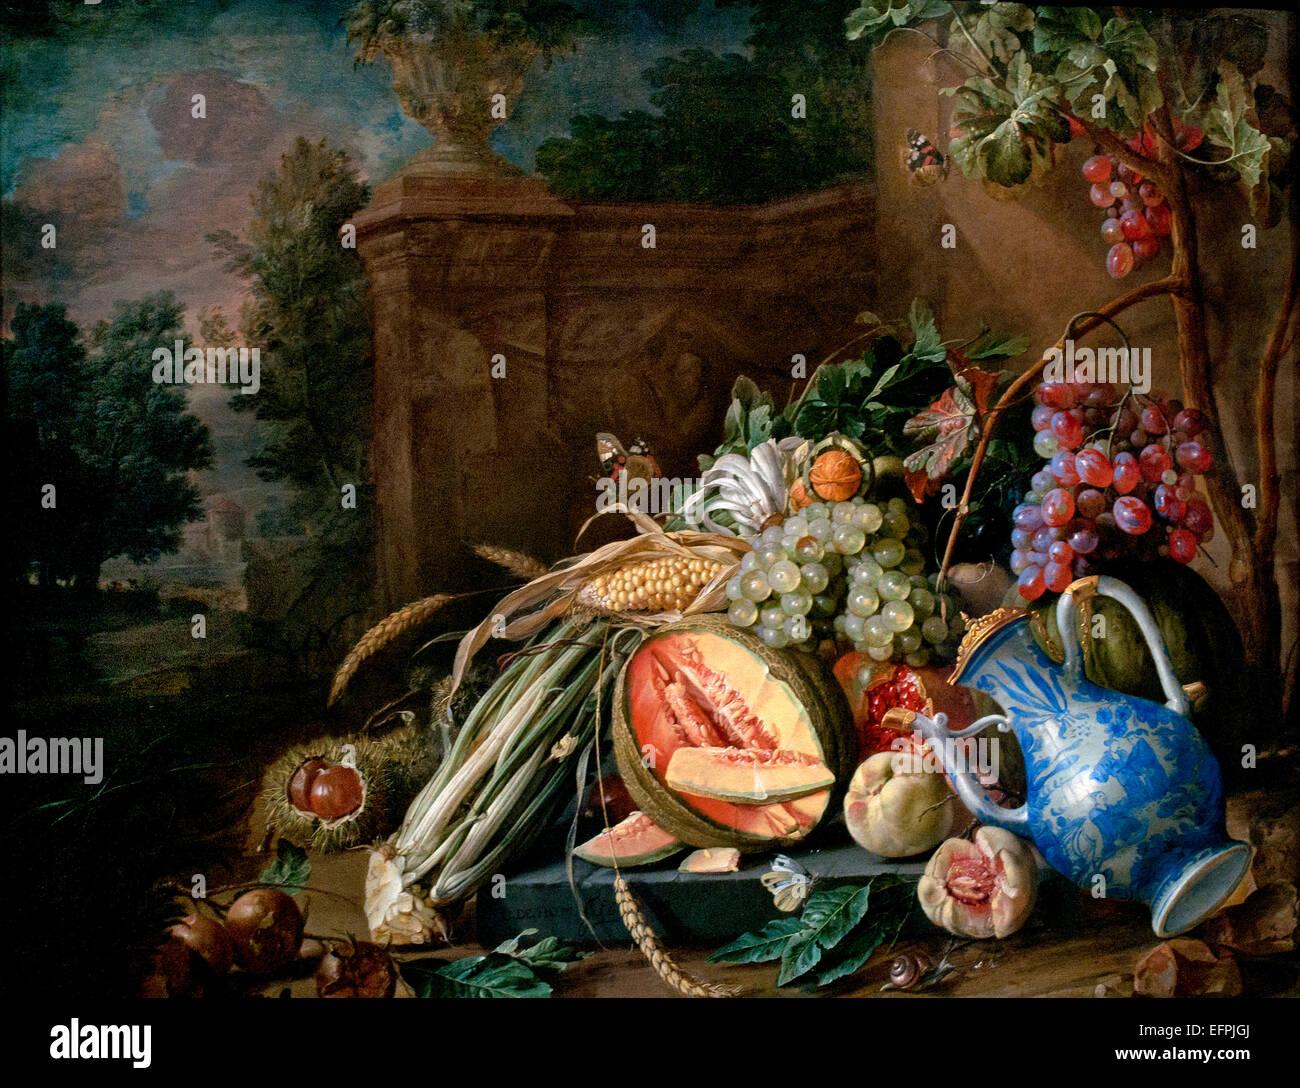 Ancora in vita con la frutta e la verdura prima di un giardino balaustra 1658 Jan Davidsz de Heem 1606 - 1684 Paesi Bassi Paesi Bassi Foto Stock